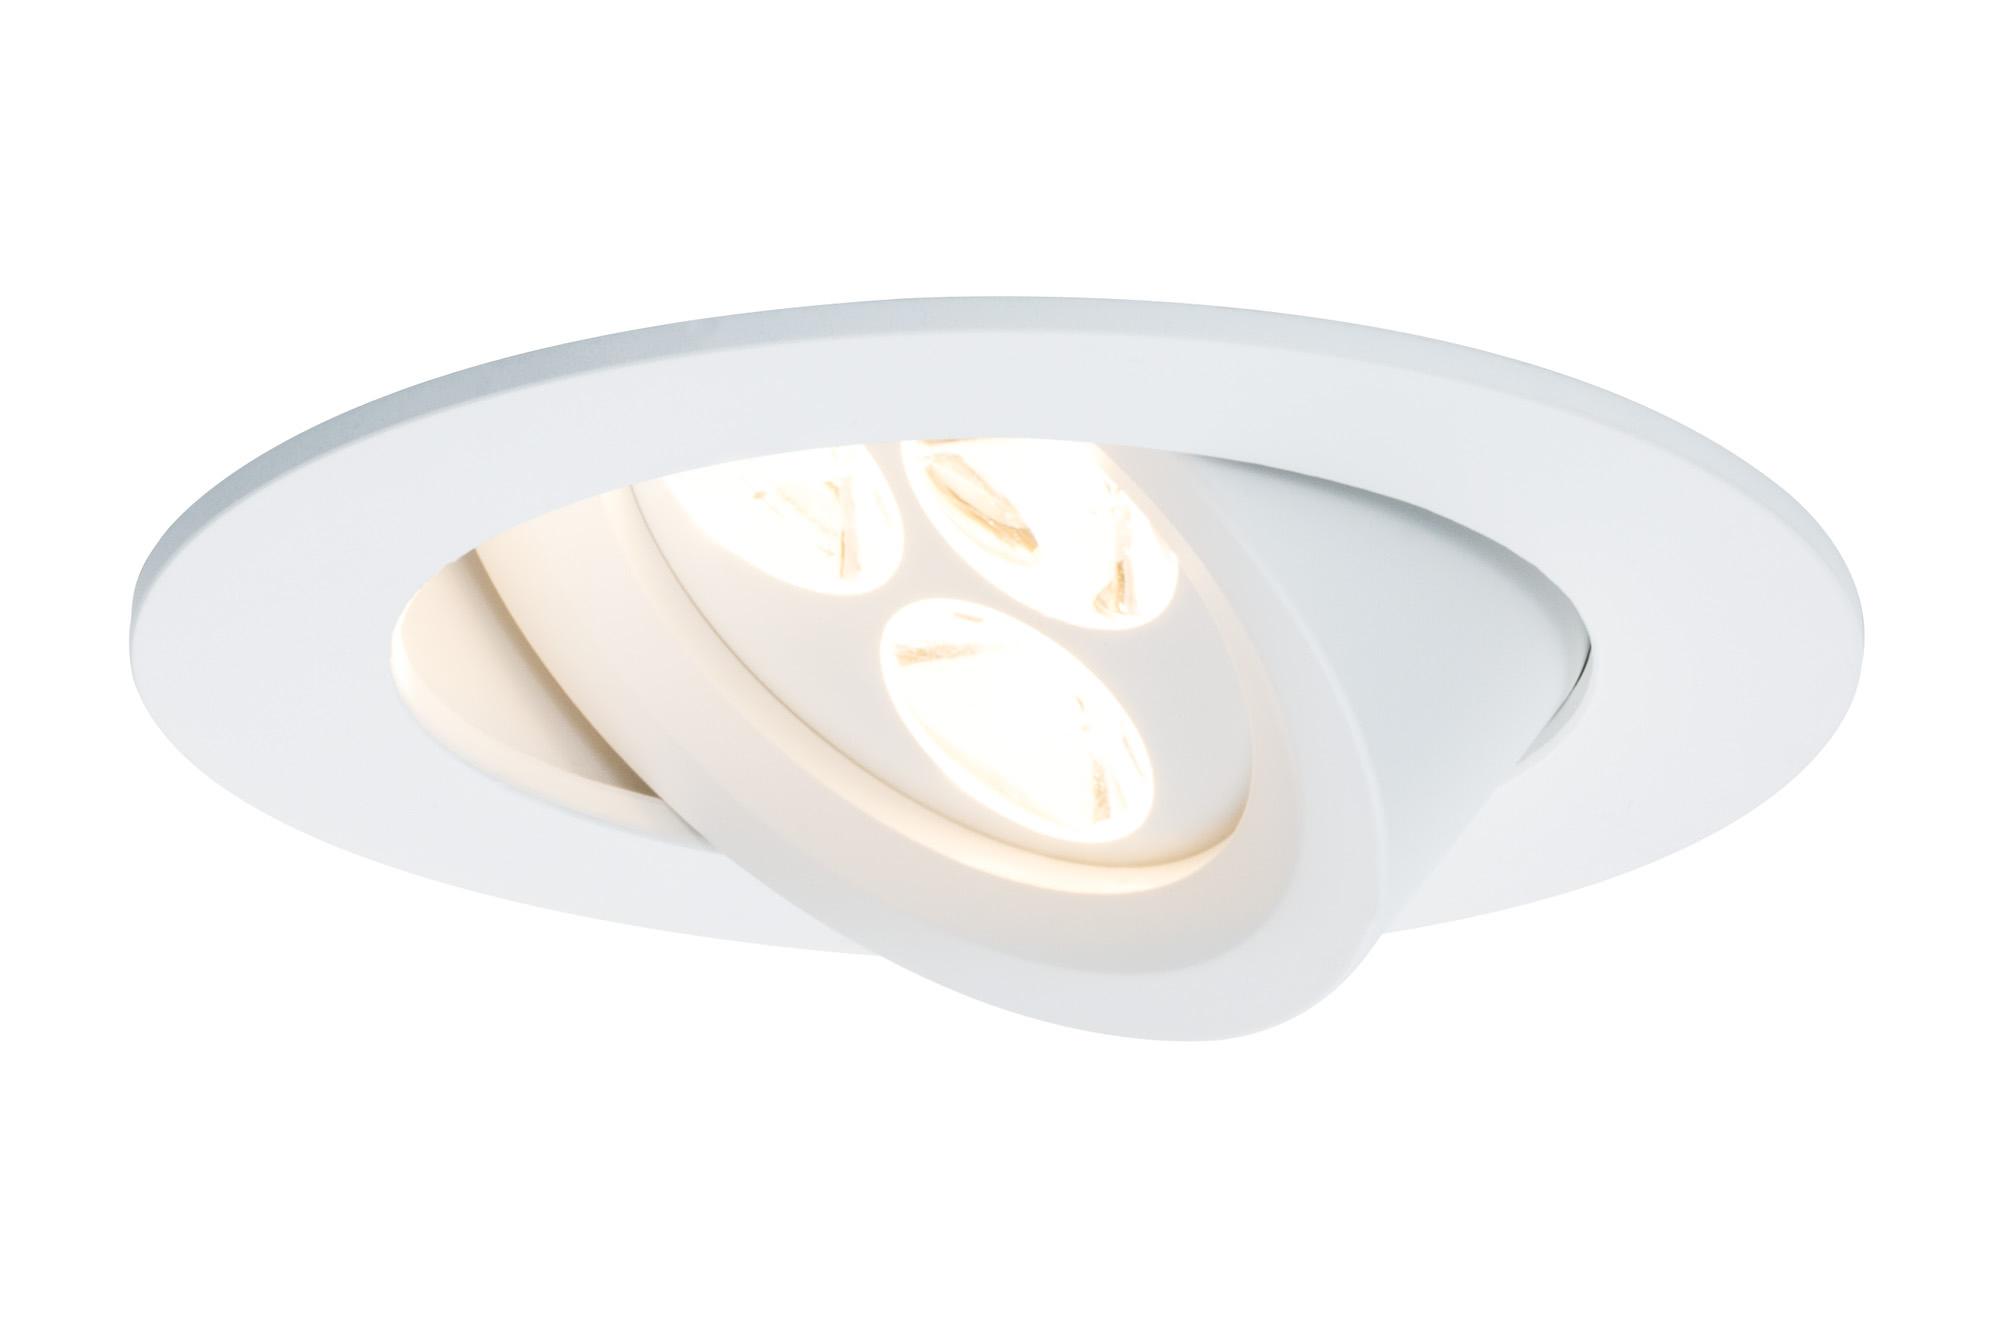 Paulmann. 92689 Комплект встраиваемых светильников Snowy schw LED 3x7,5W, белый матовый